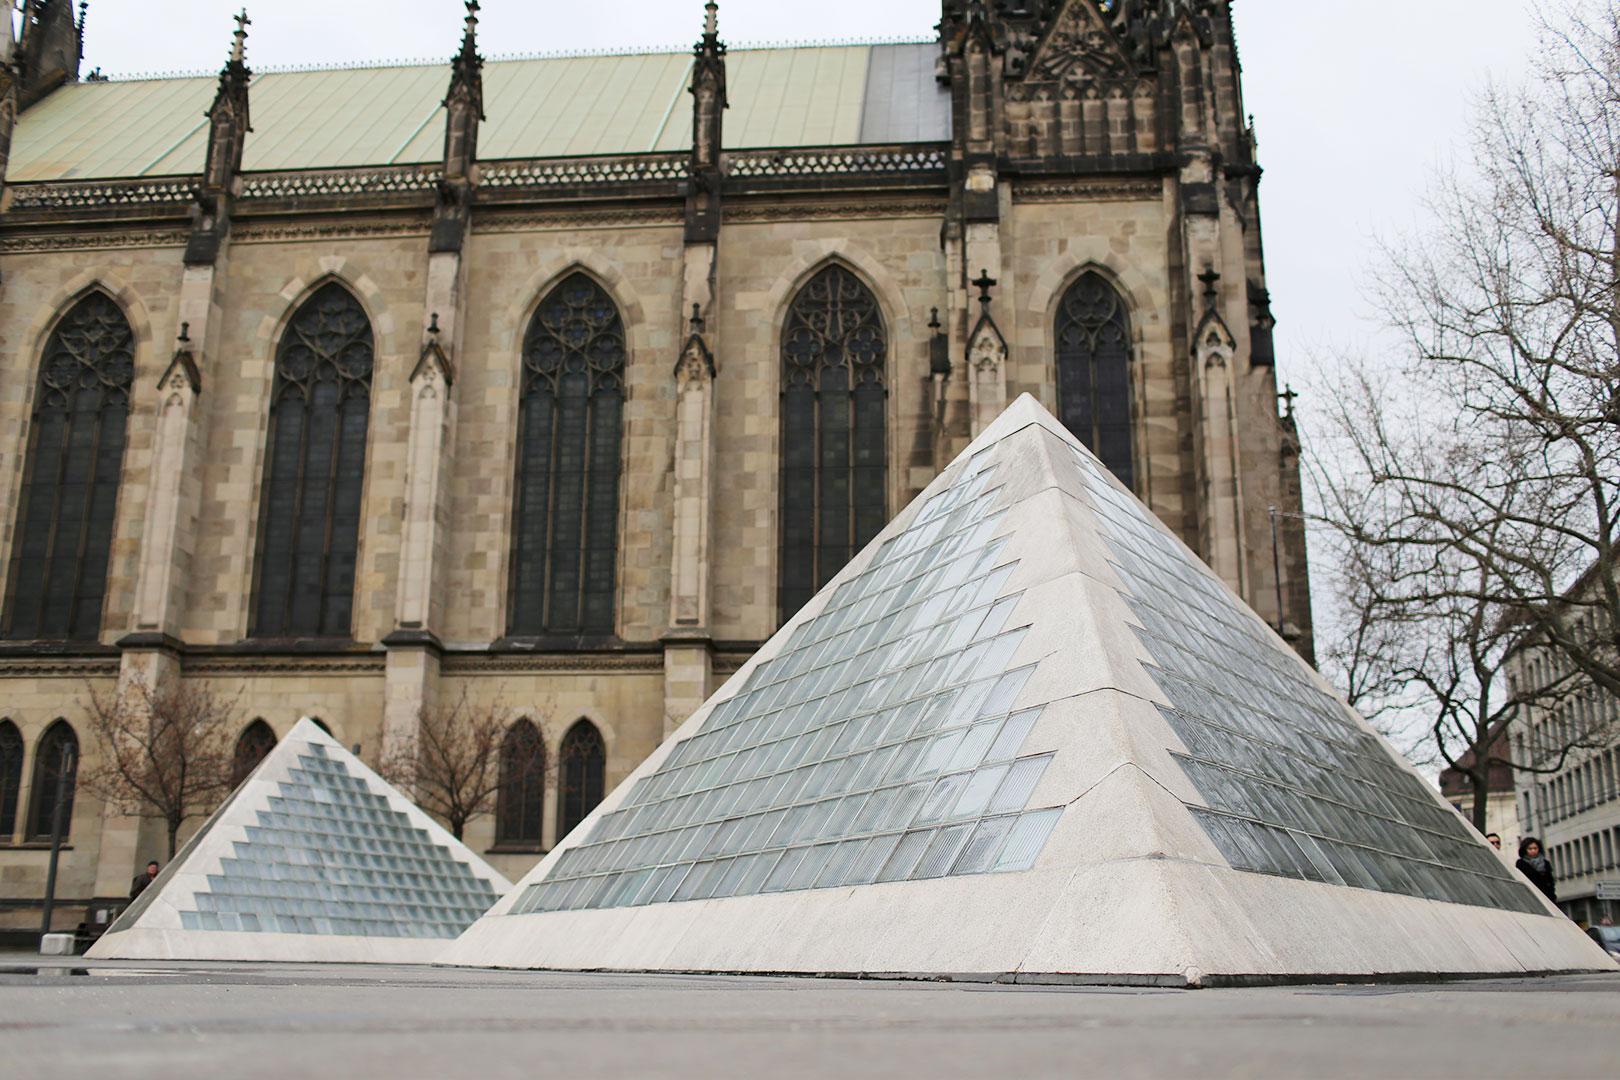 Wir besteigen die Pyramiden von Basel in farbenfrohen Sebago Docksides